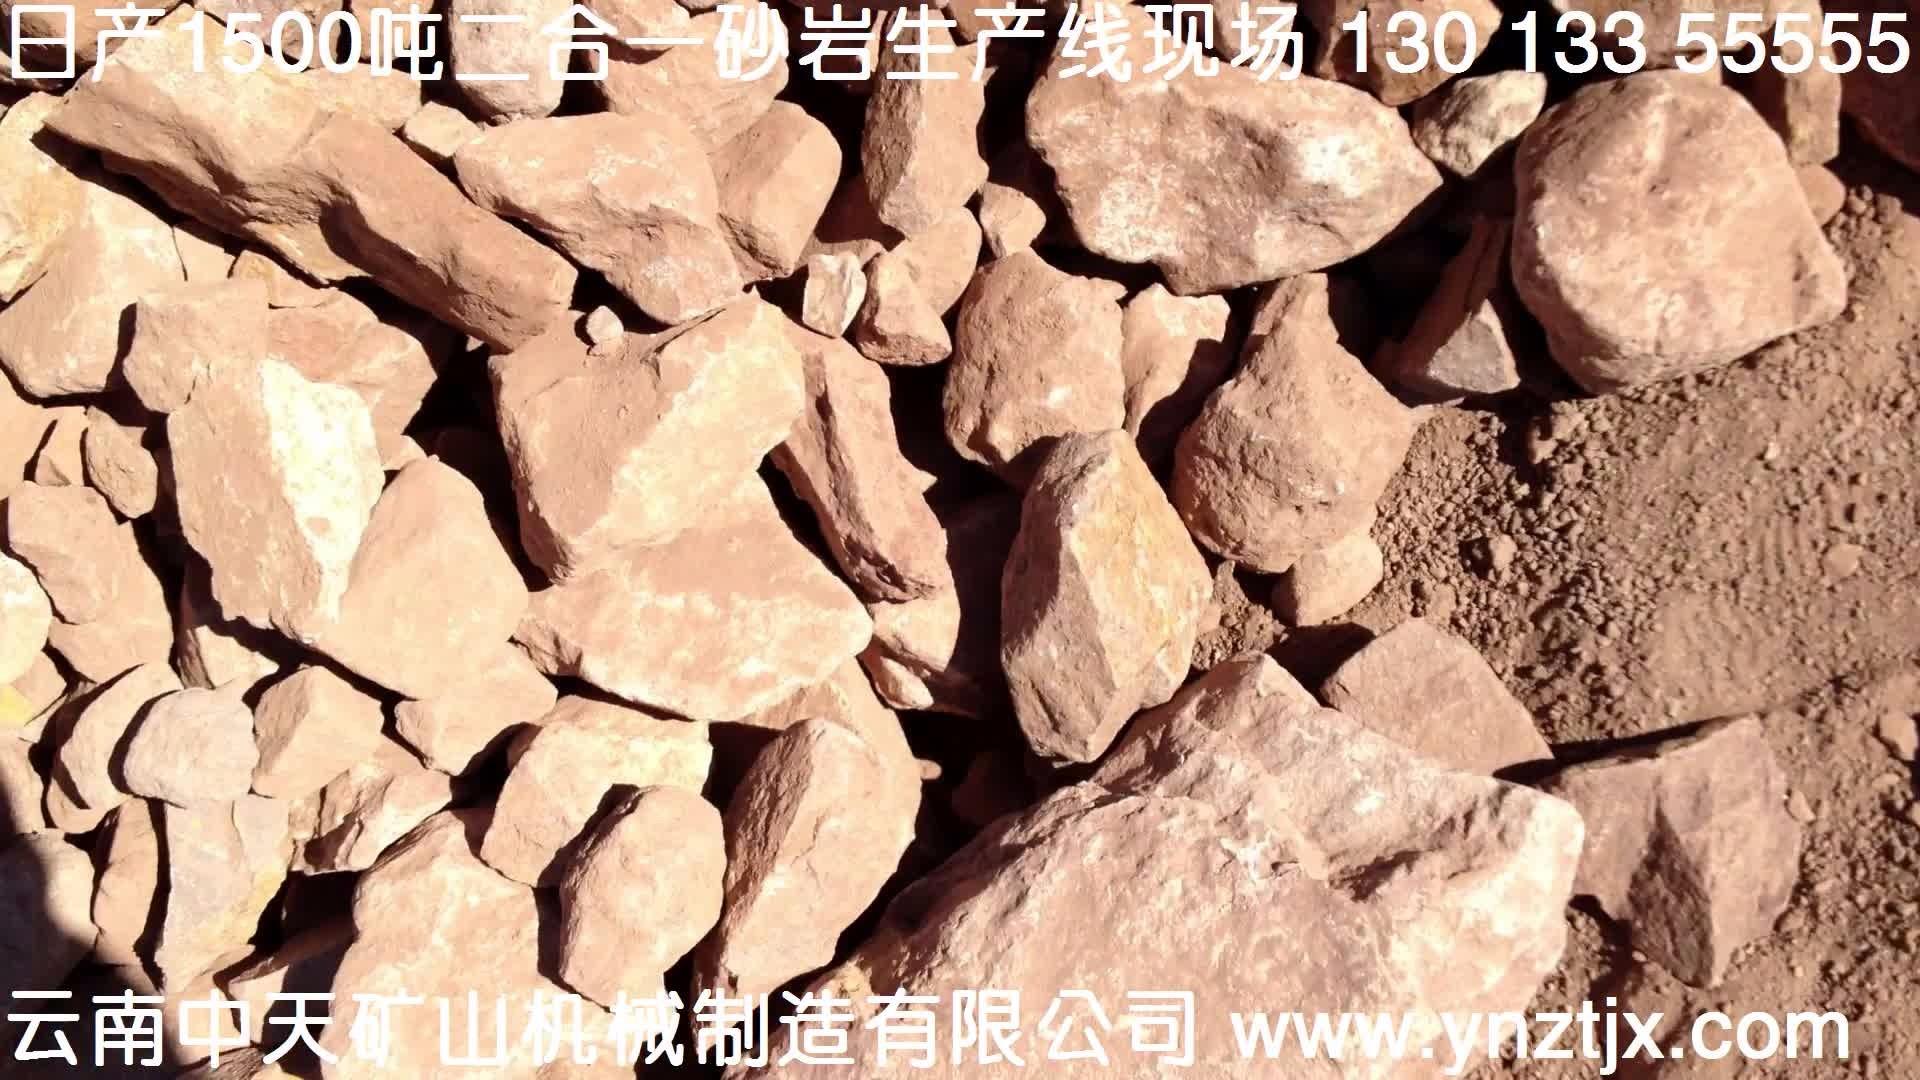 云南日产1500吨砂岩manbetx官网电脑版生产线现场视频一